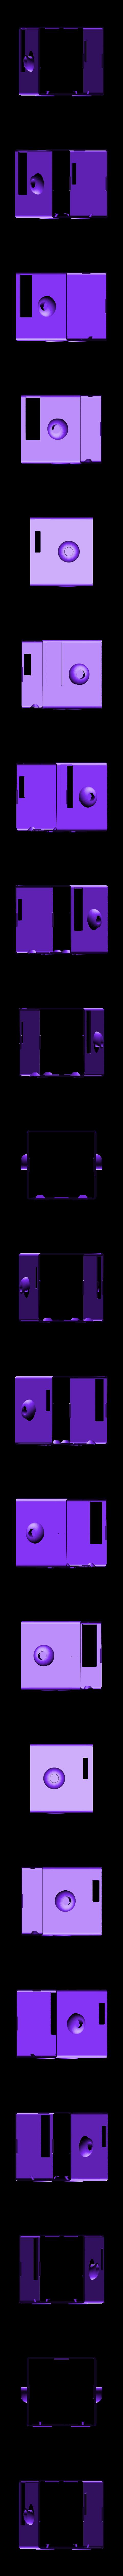 av-headH.stl Download free STL file Adabot Google AIY Voice Kit • 3D print design, Adafruit